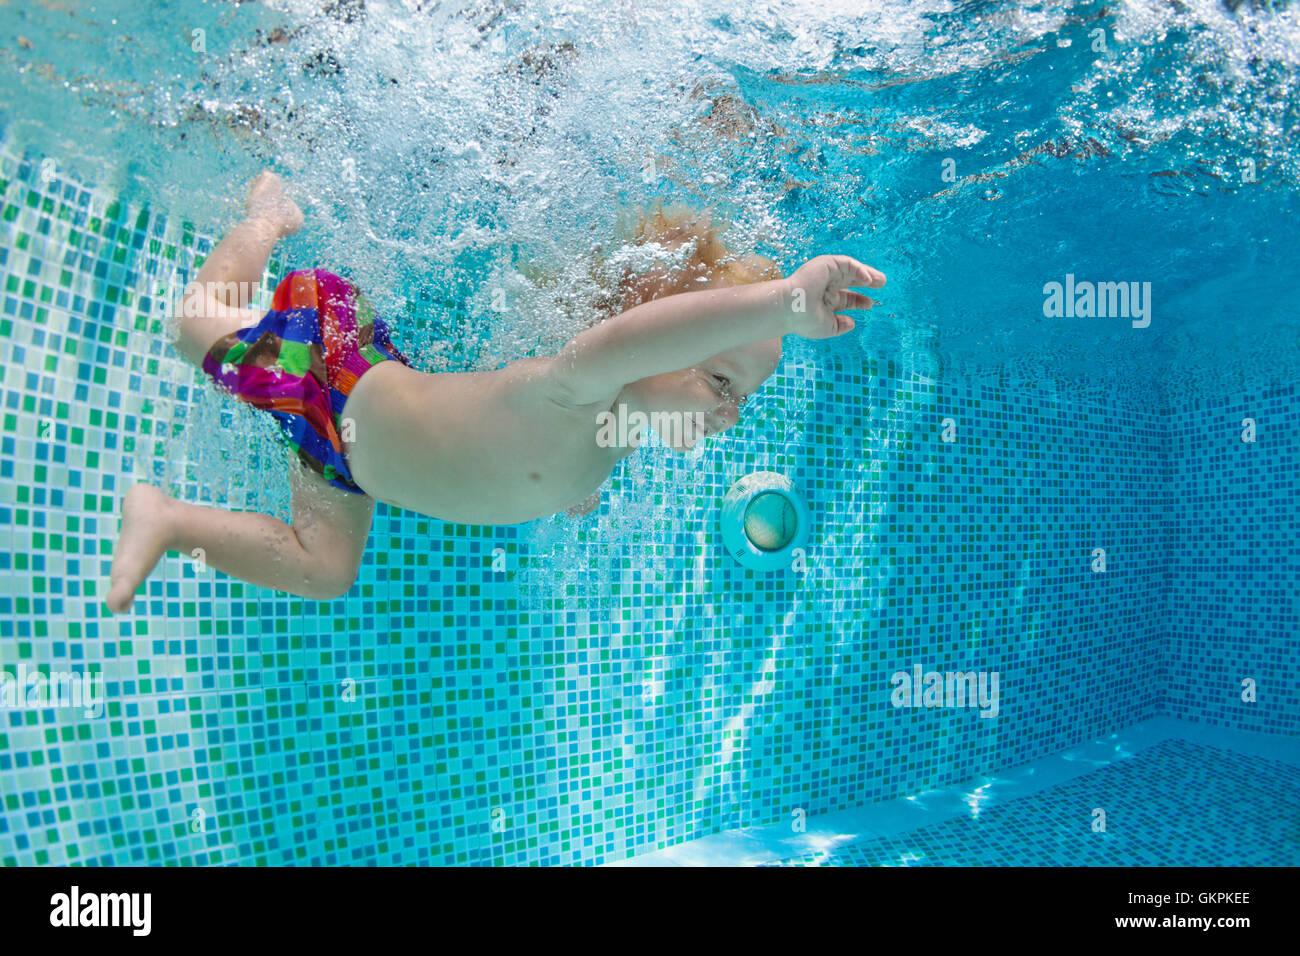 Lustiges Foto der aktiven Babyschwimmen, Tauchen im Pool mit Spaß, tief unter Wasser mit Spritzern und Schaum Stockbild